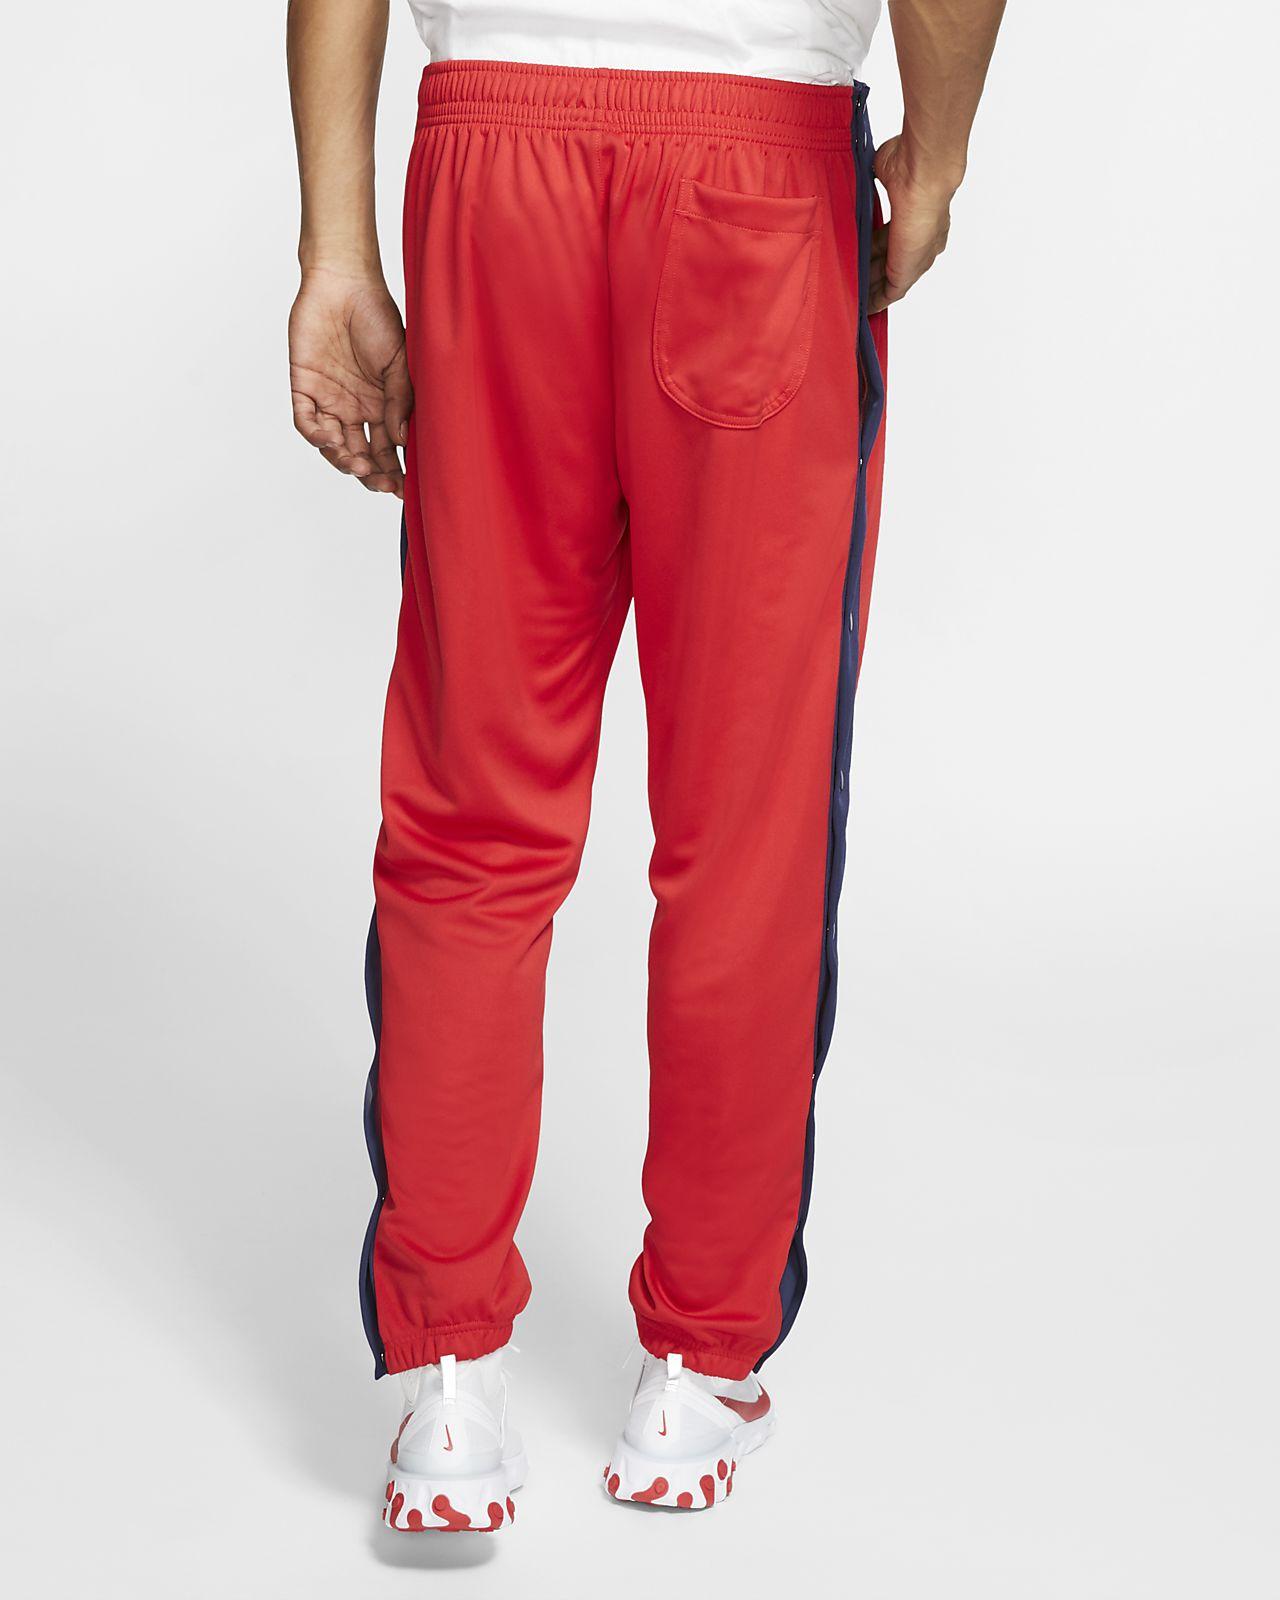 Pantalon Pour Sportswear Nike Homme À Boutons Pression oexdBCrW